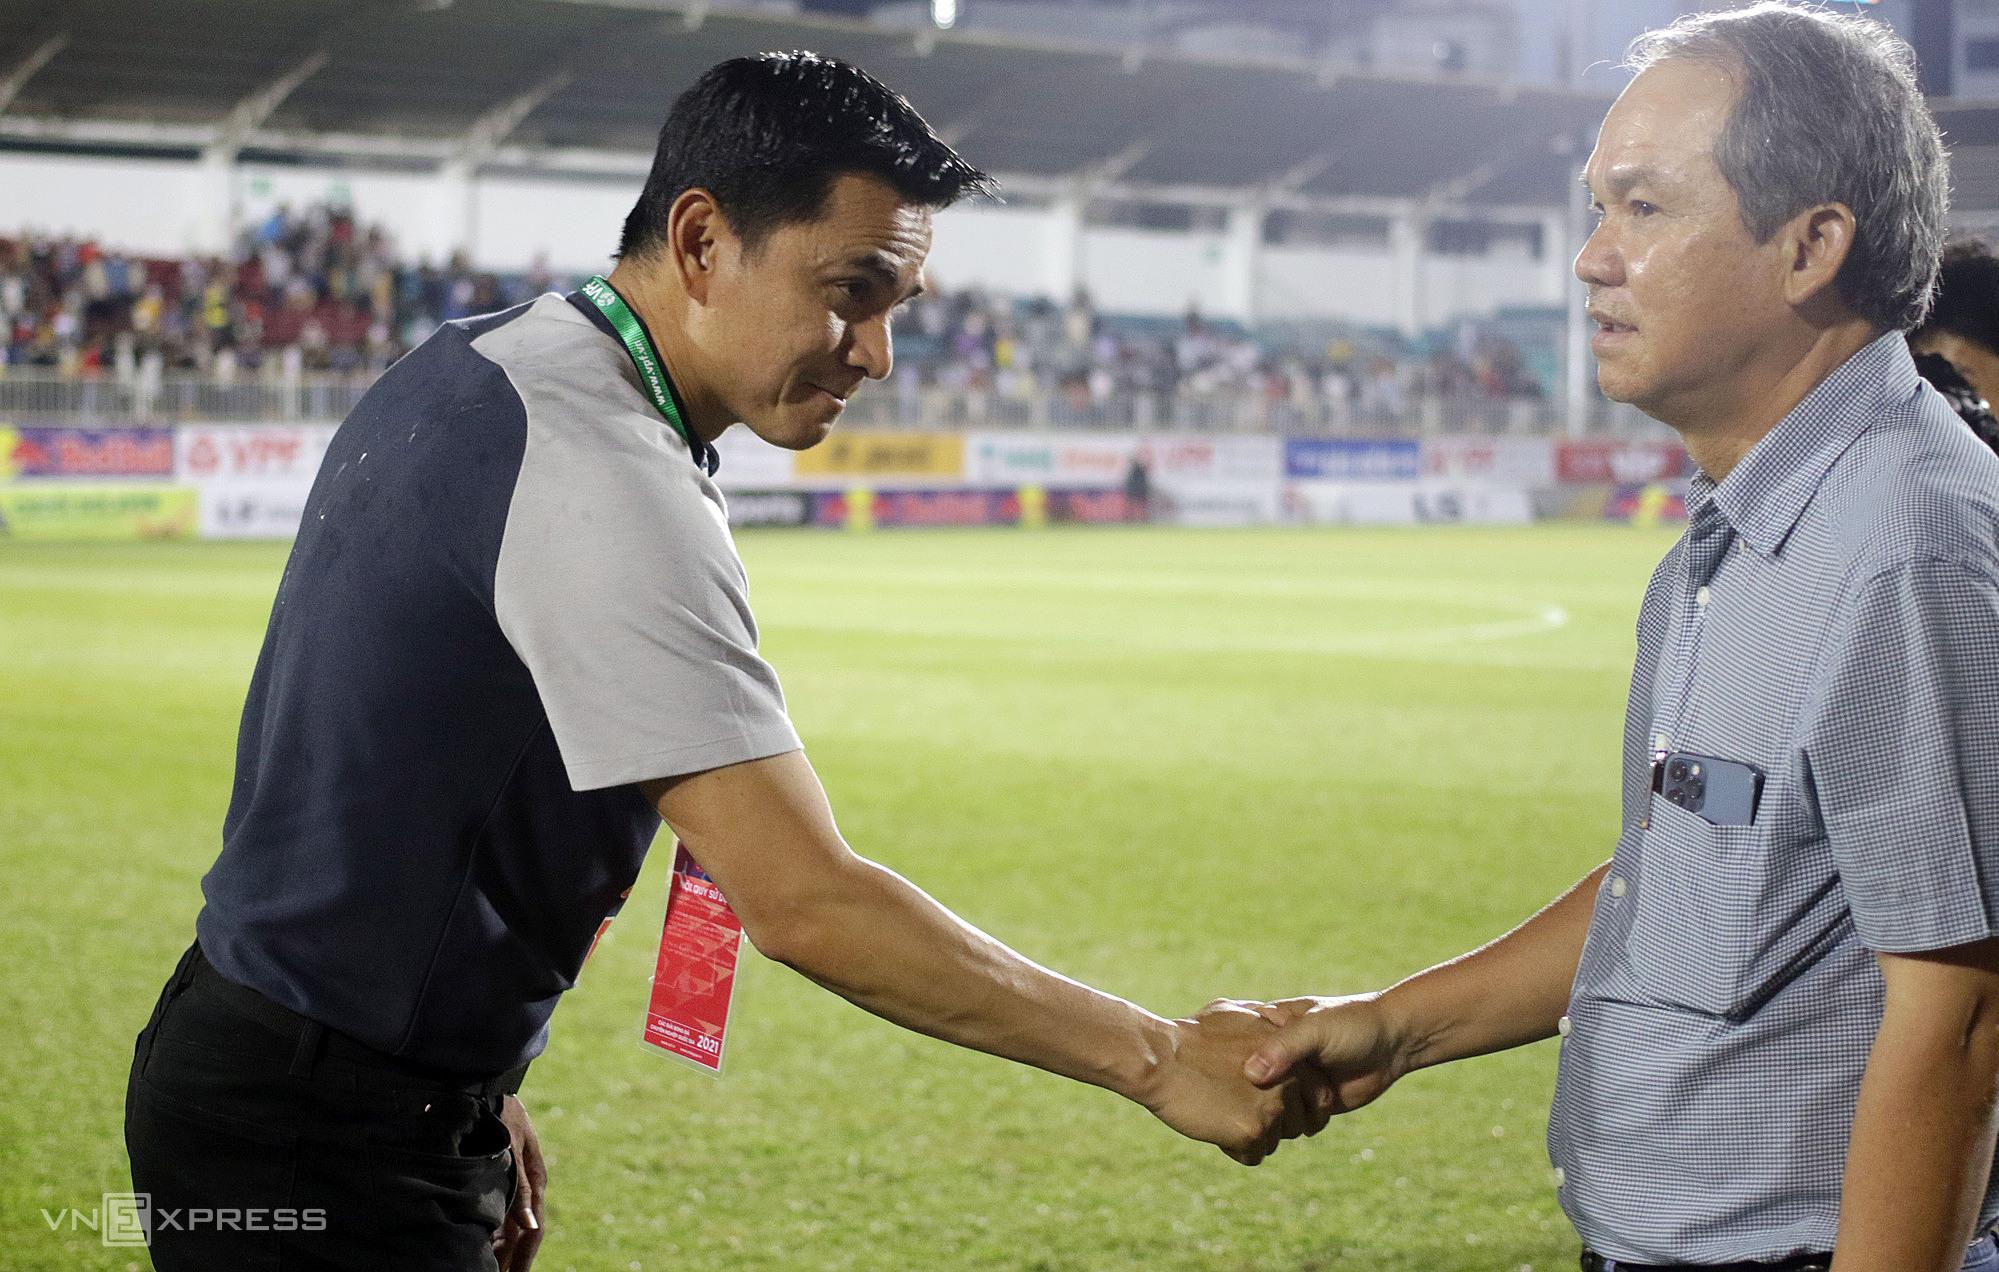 เลือกตั้งเยอรมนีลงสนามแสดงความยินดีกับครูและนักเรียนเกียรติศักดิ์หลังชนะสโมสร HCM City 3-0  ภาพ: Duc Dong